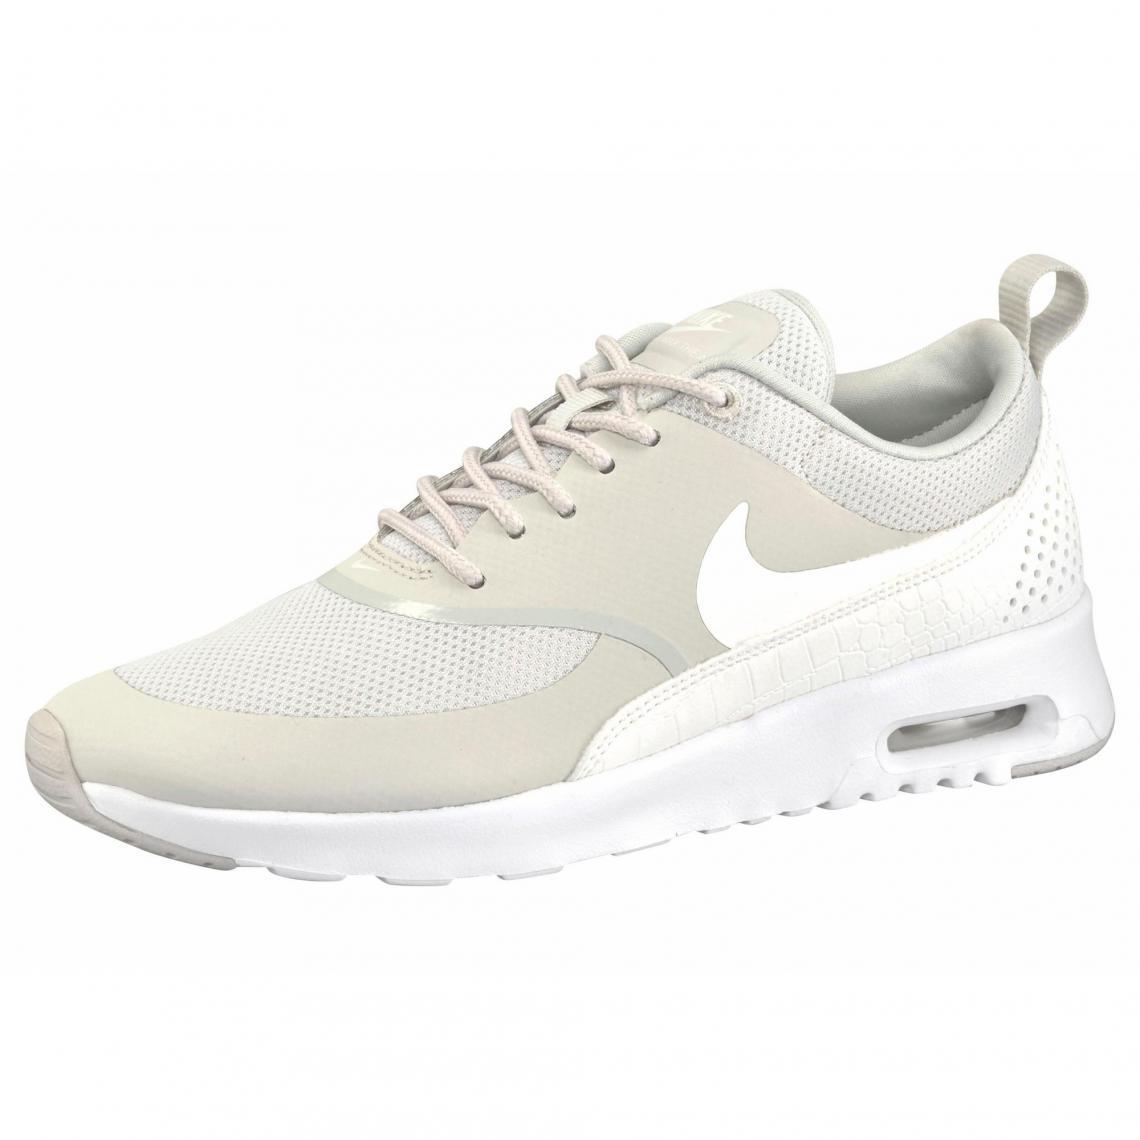 Thea De Femme Chaussures Suisses Max Noir3 Running Air Nike CedBorx